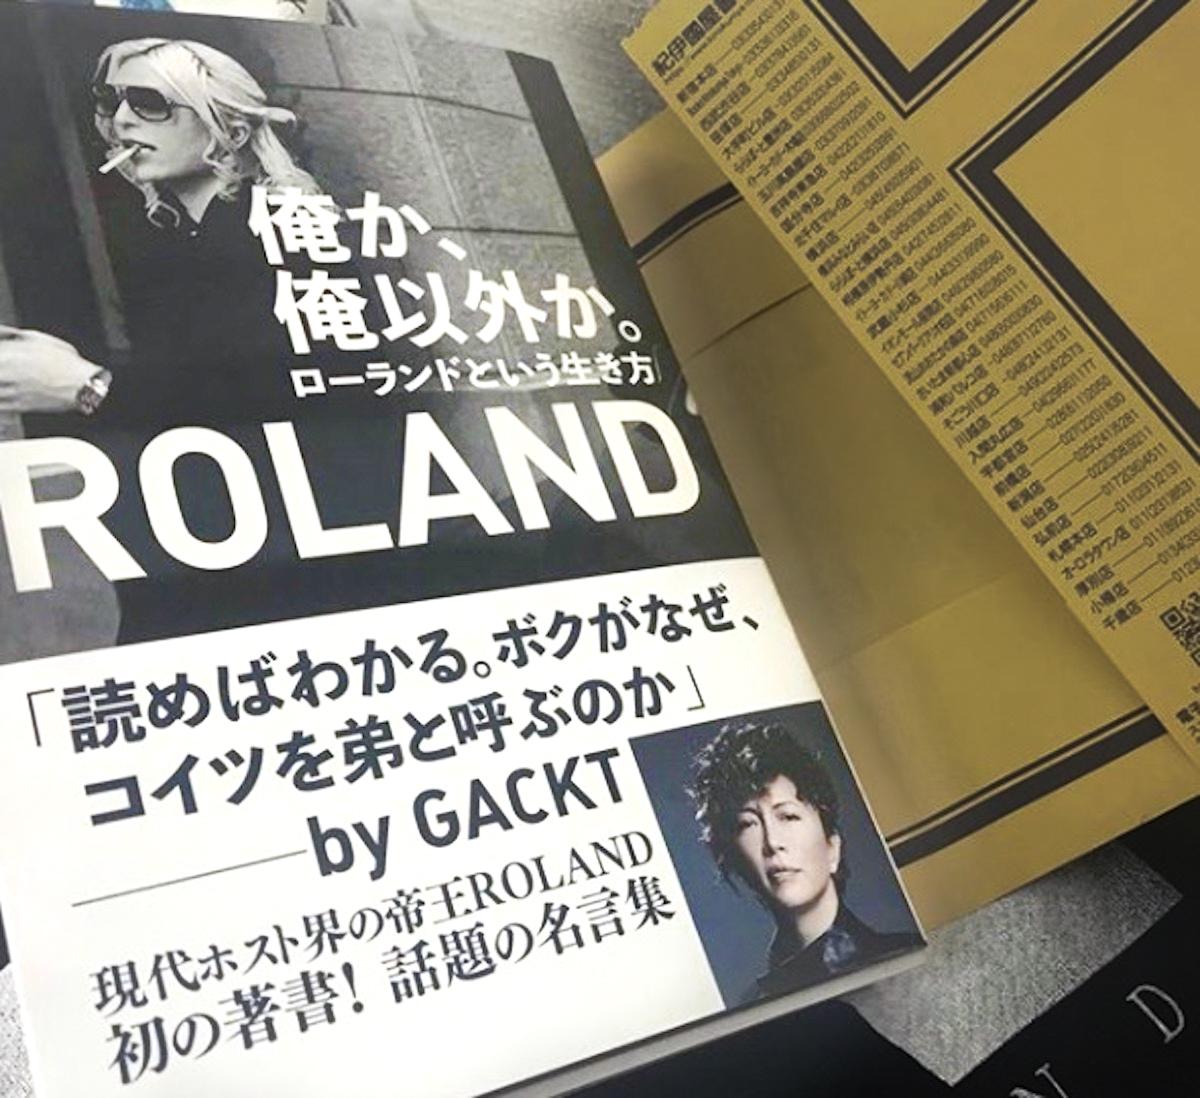 書籍『俺か、俺以外か。 ローランドという生き方』書影